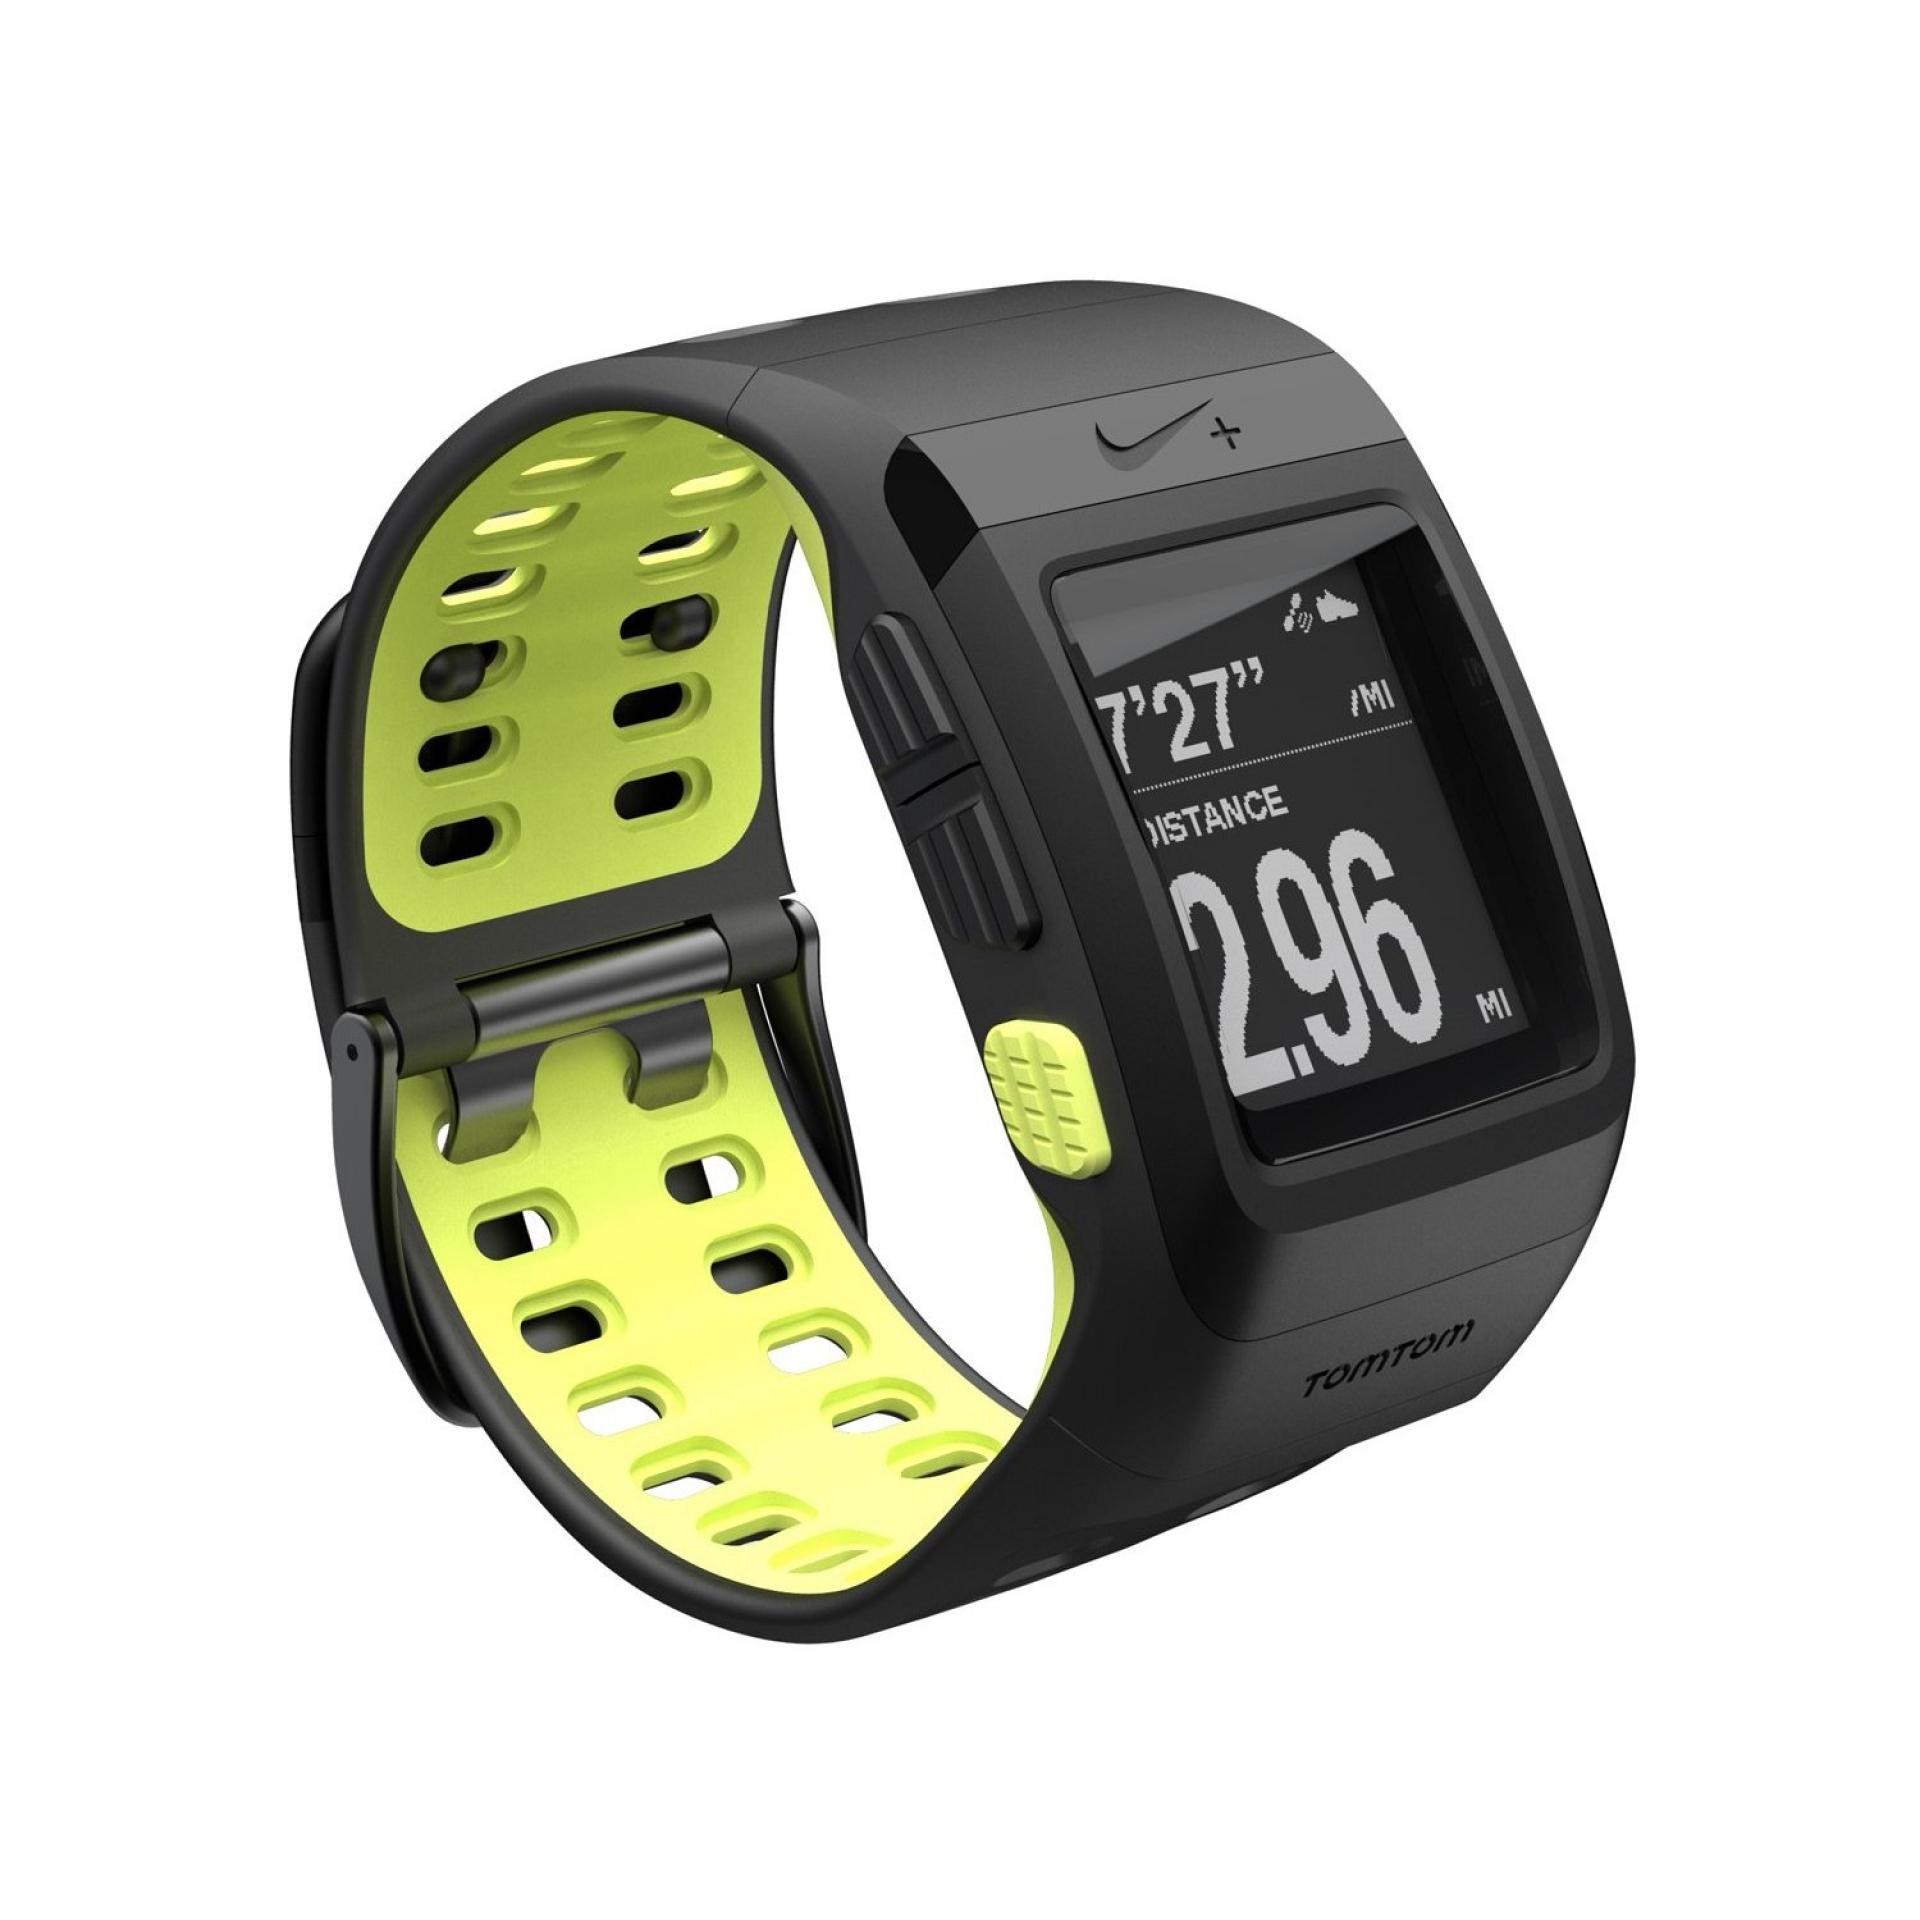 + Sportwatch GPS (Powered by TomTom)